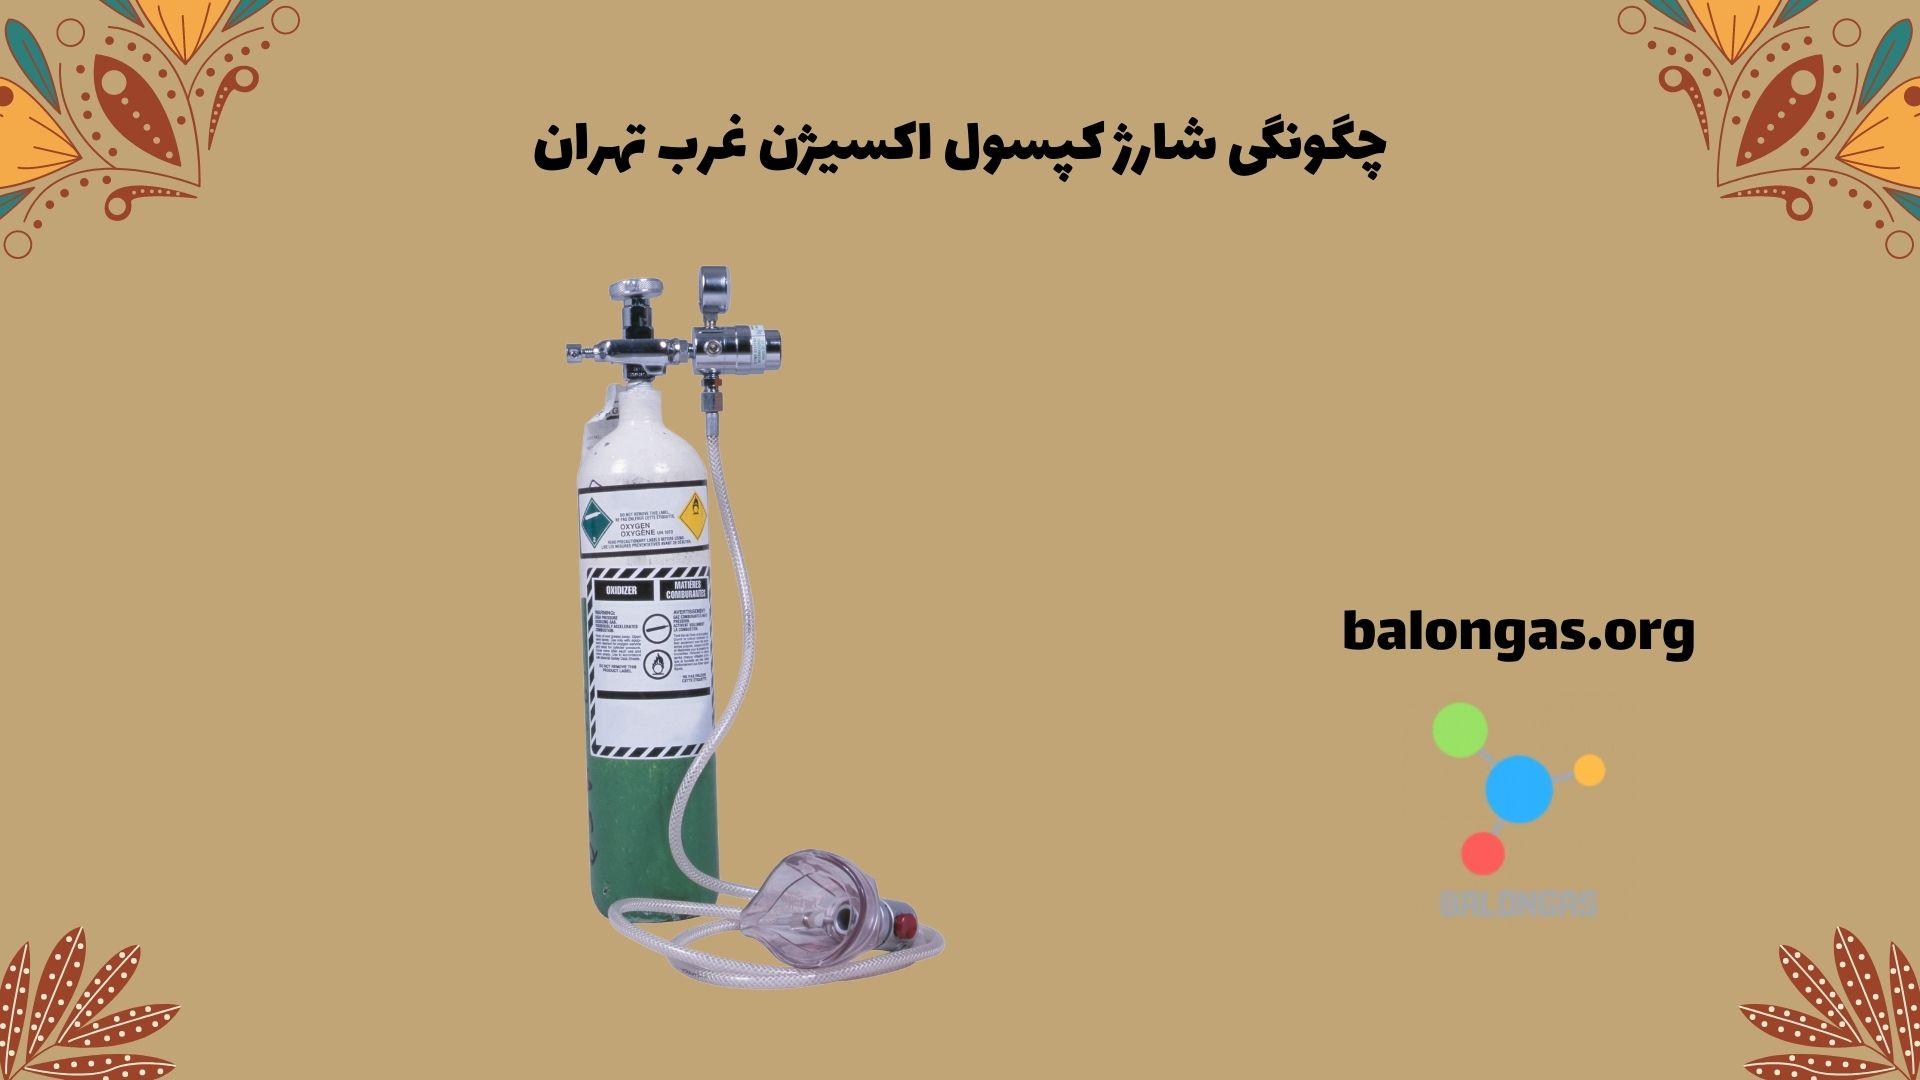 چگونگی شارژ کپسول اکسیژن غرب تهران